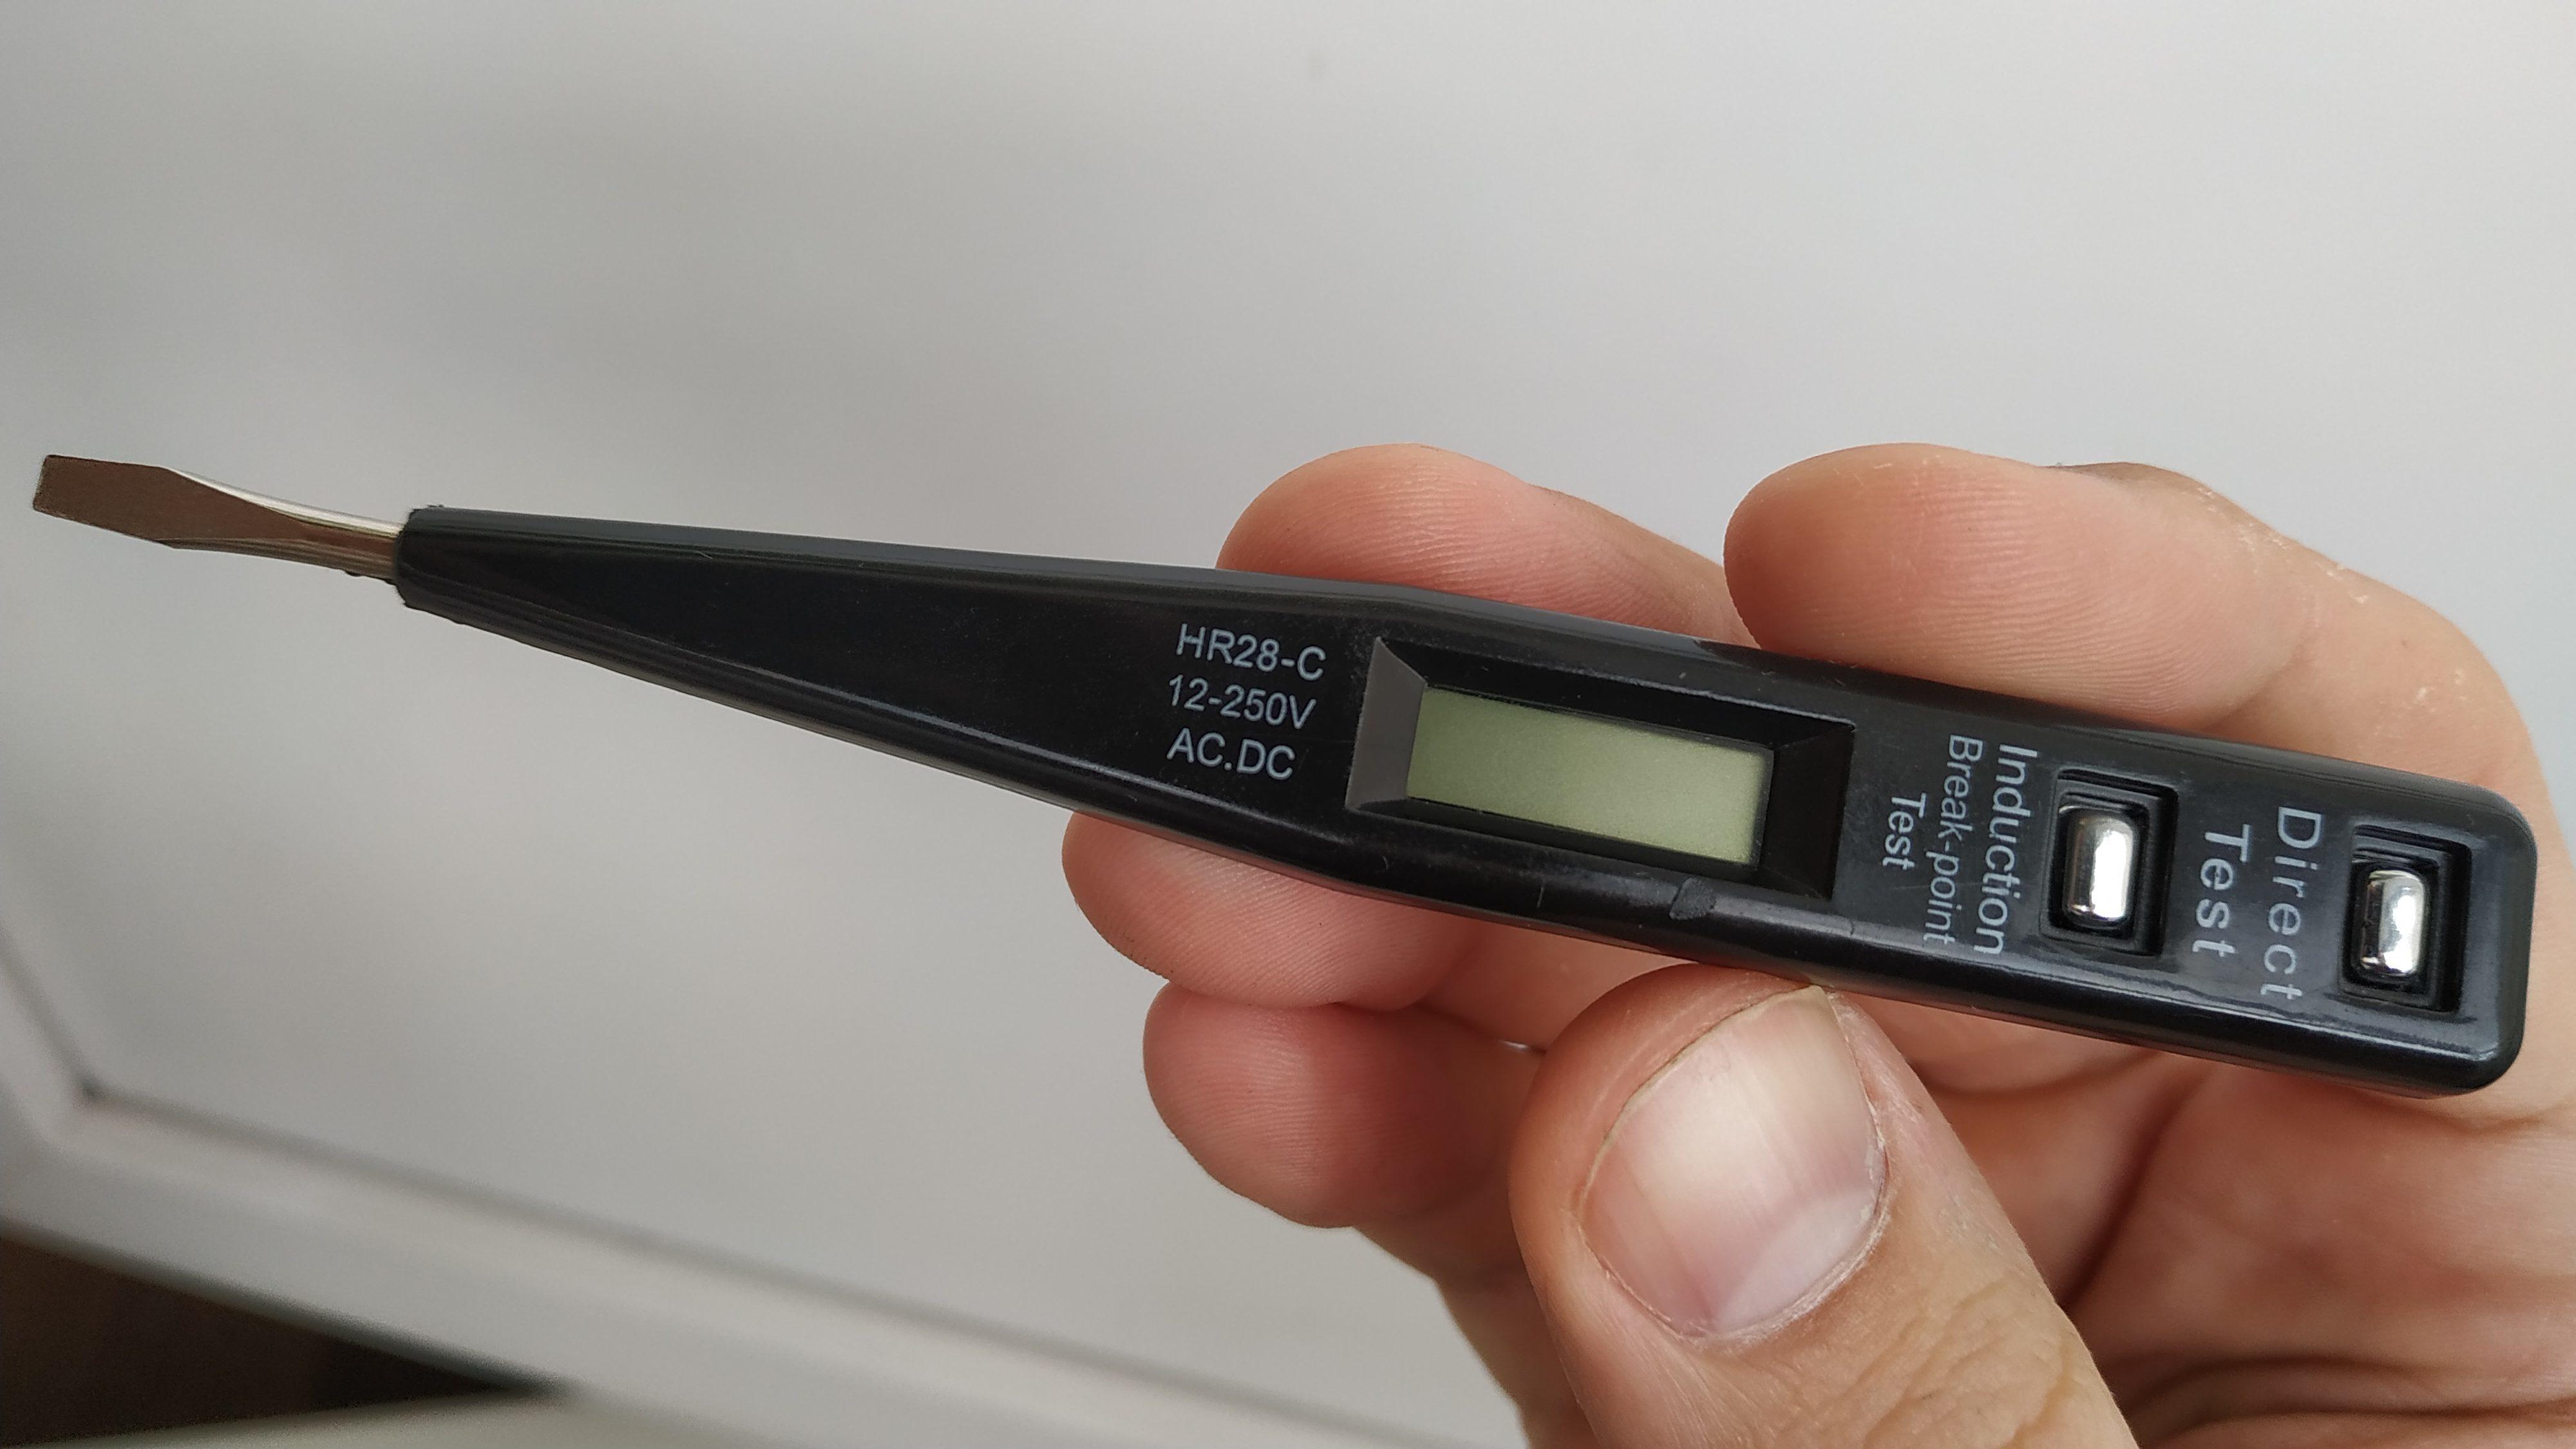 Индукционная индикаторная отвертка называется HR28-C 12-250V. Direct test AC. DC